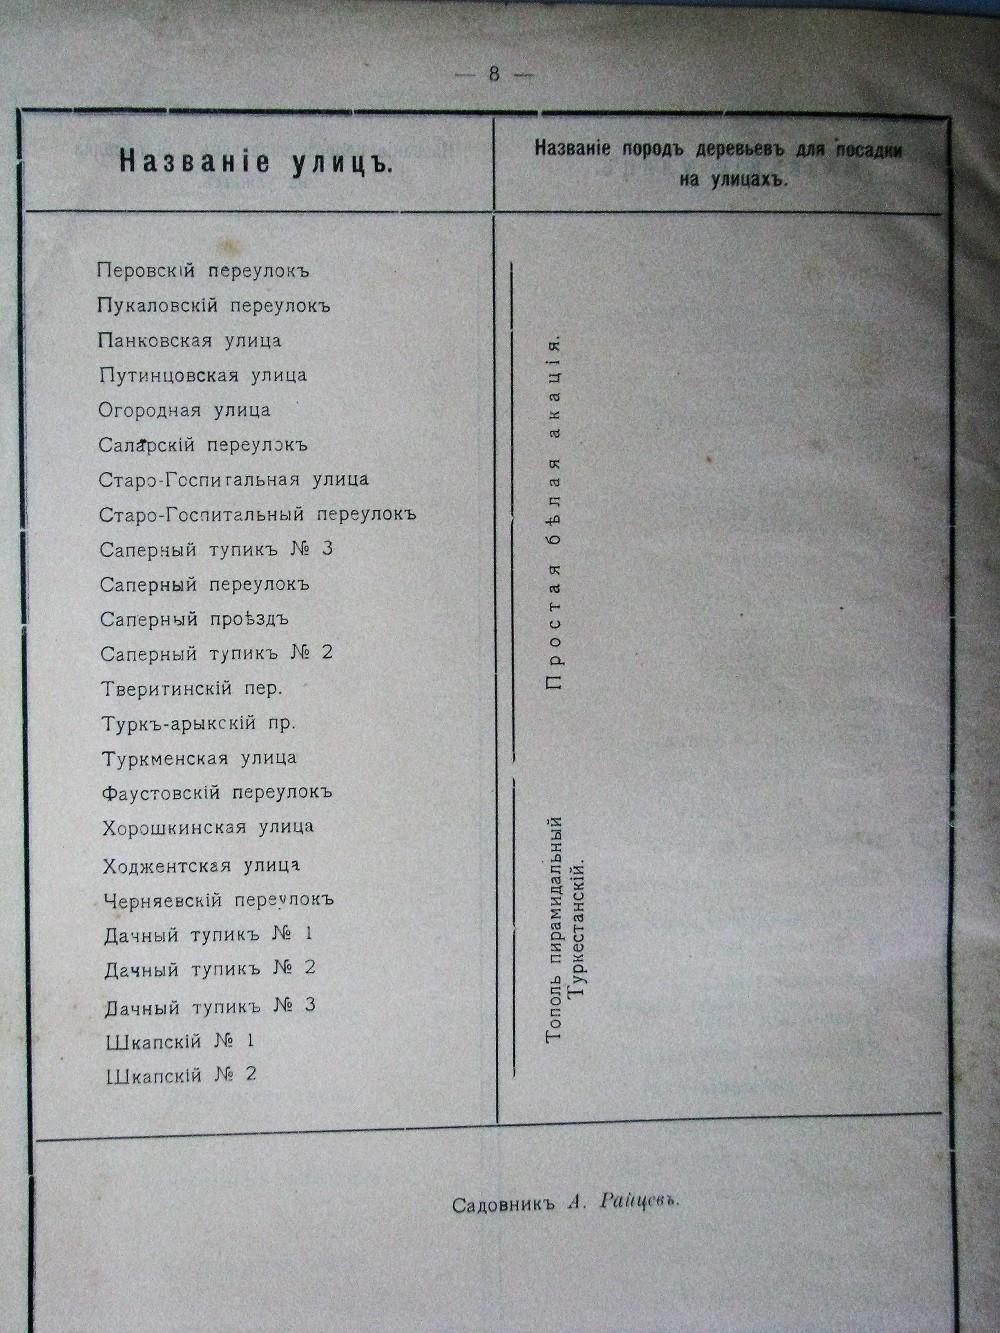 Ташкент-shosh (5)